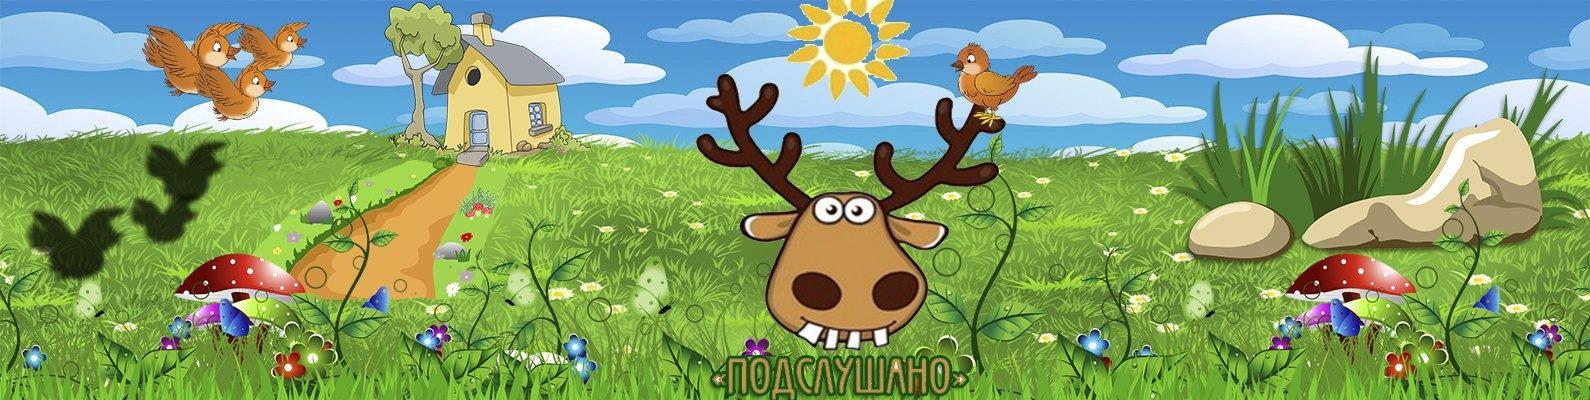 Подслушано в Ельниках   ВКонтакте